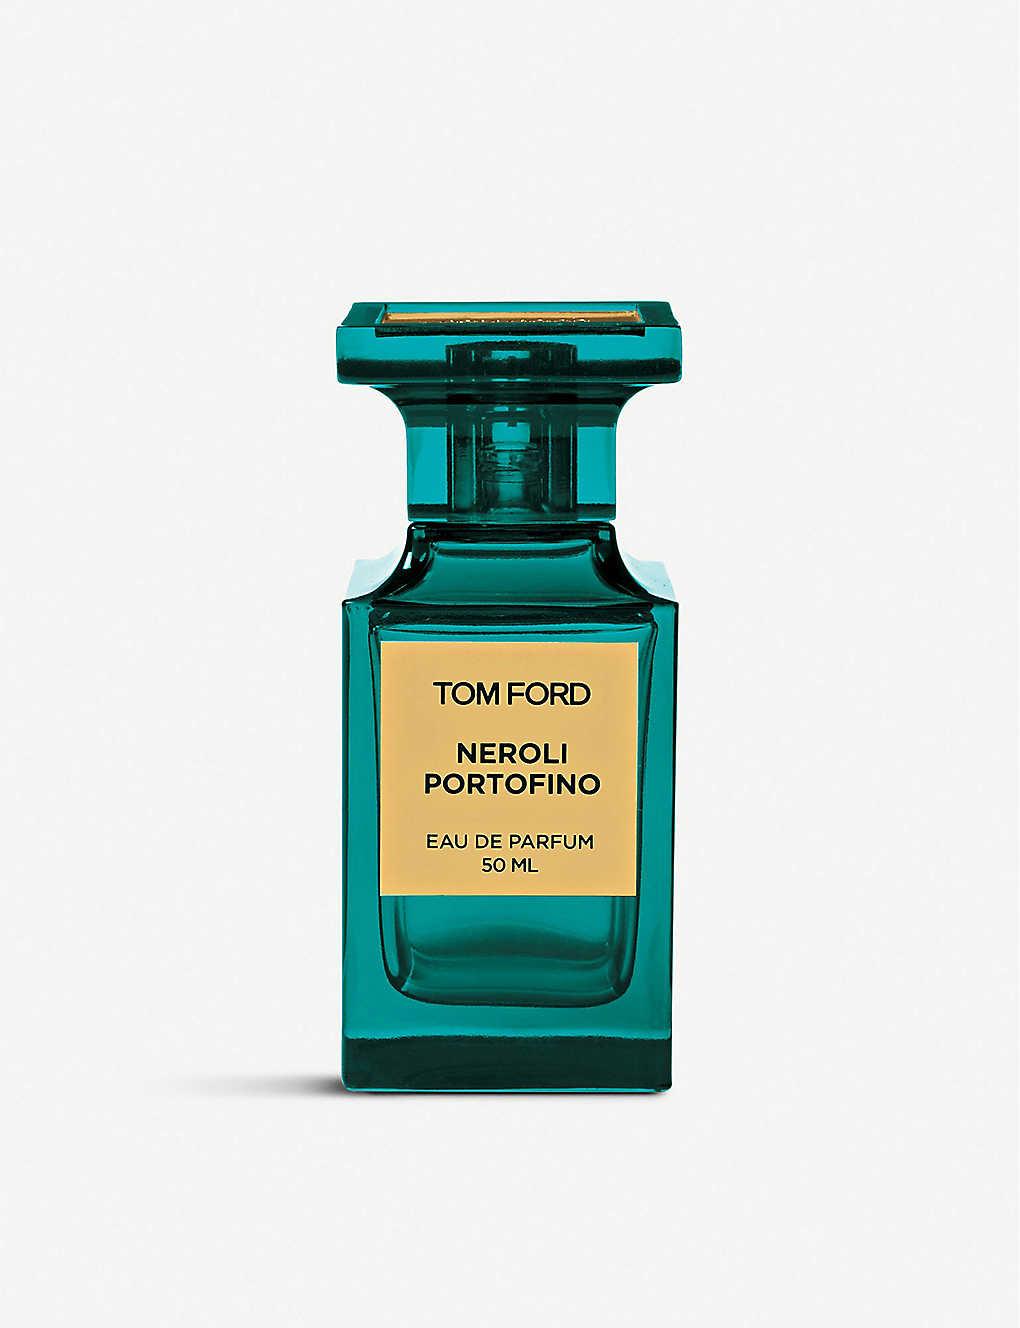 Tom Ford Neroli Portofino Eau De Parfum Spray 50ml Selfridgescom